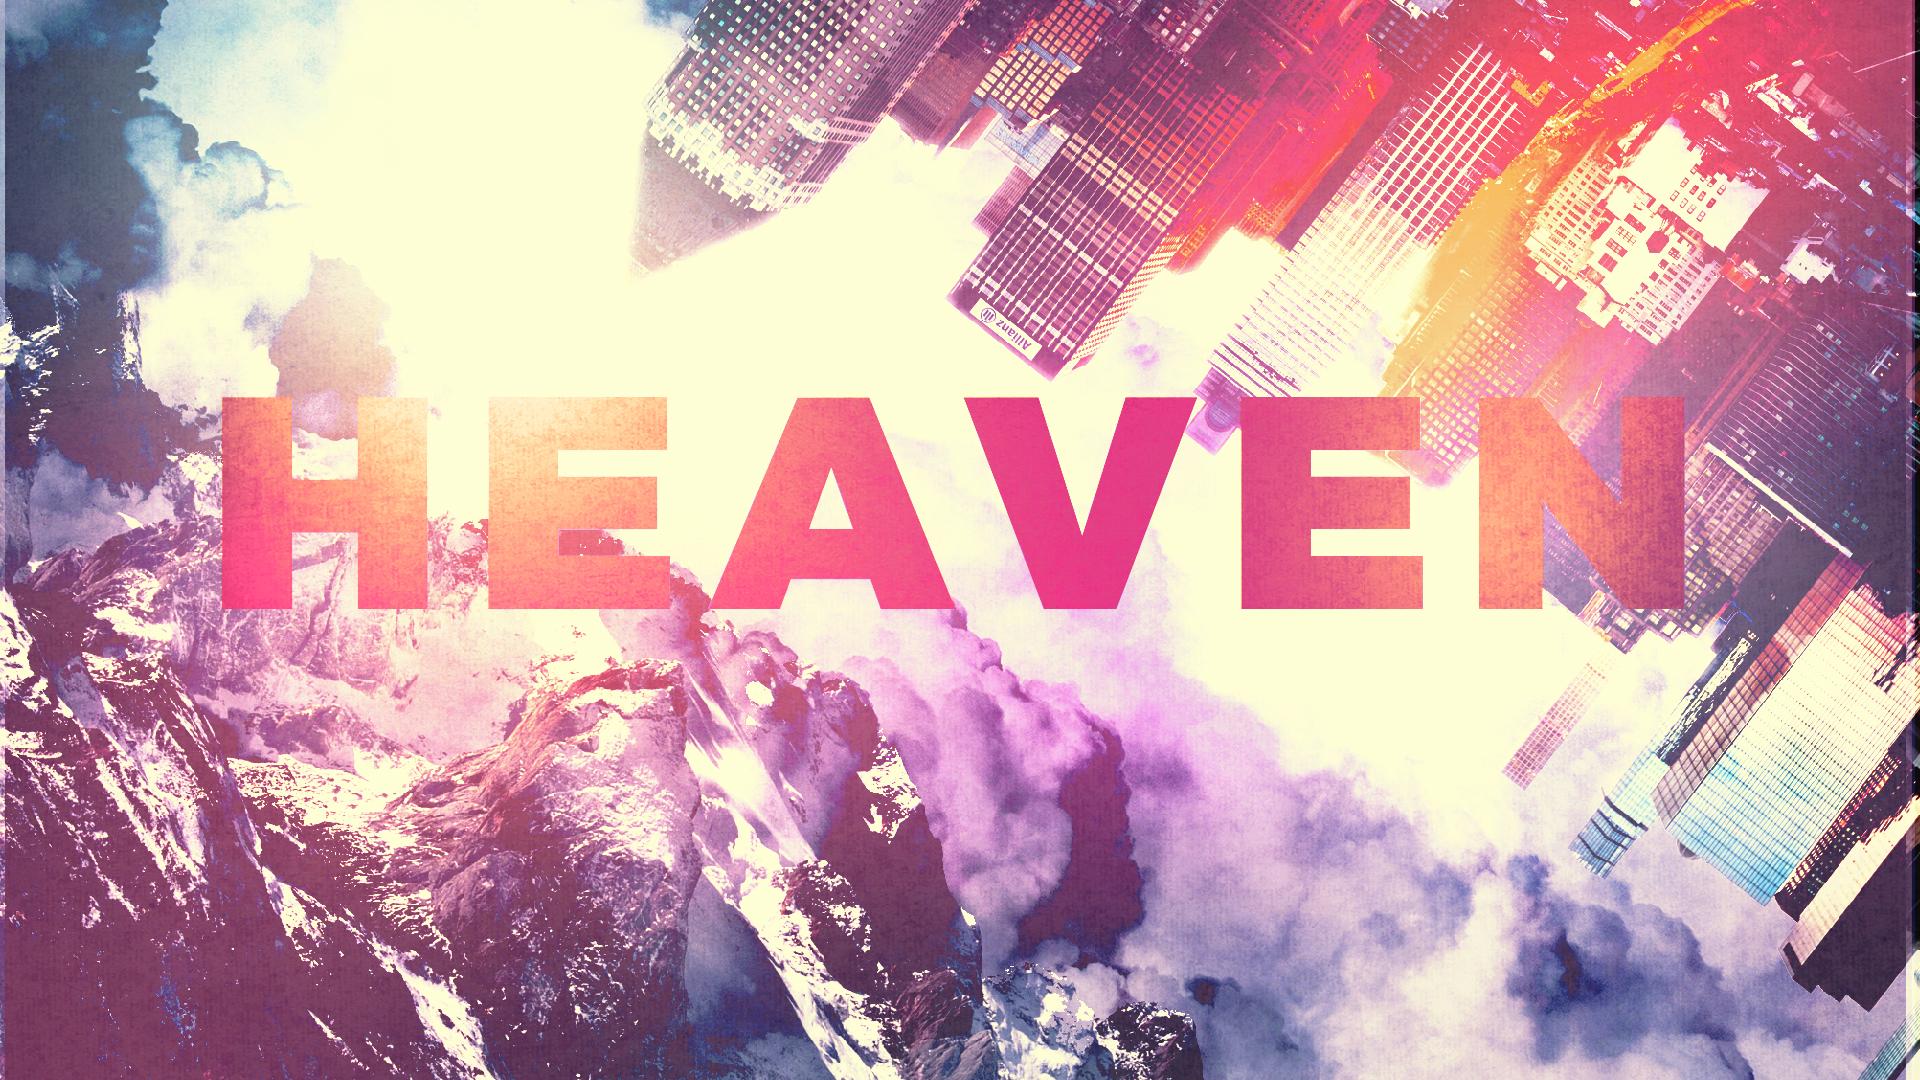 Heaven - HD Title Slide.jpg